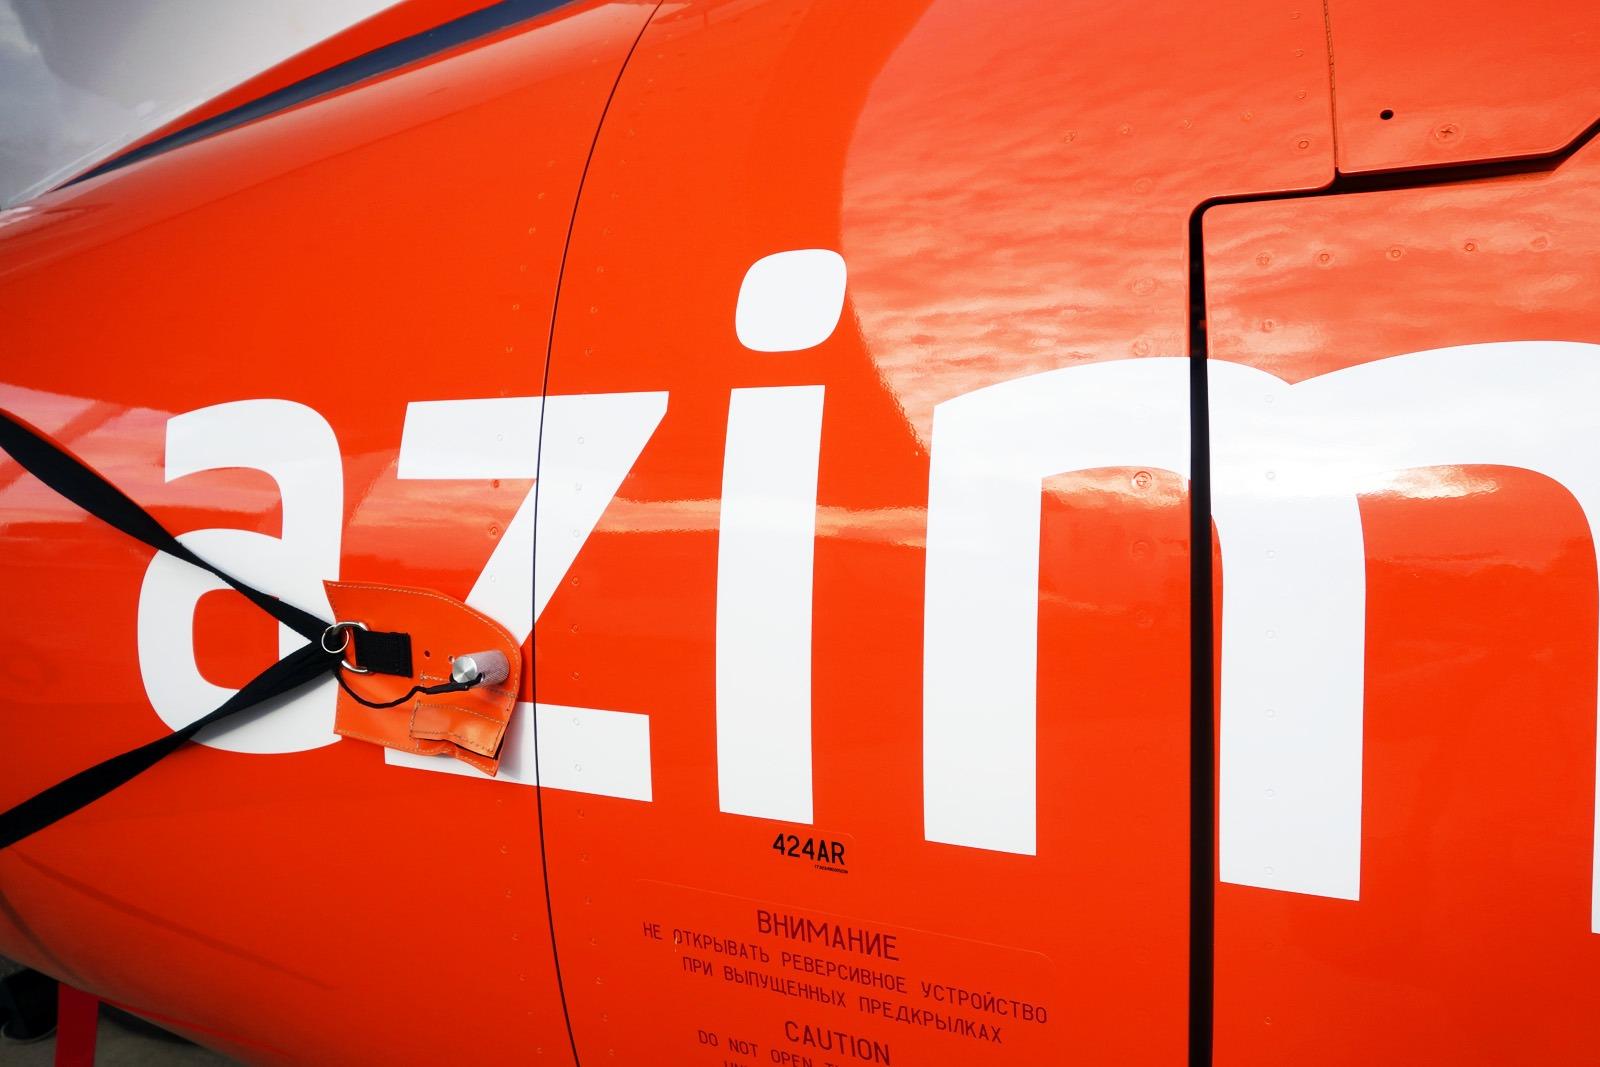 Ливрея самолета, фирменный стиль, Asgard Branding, Азимут